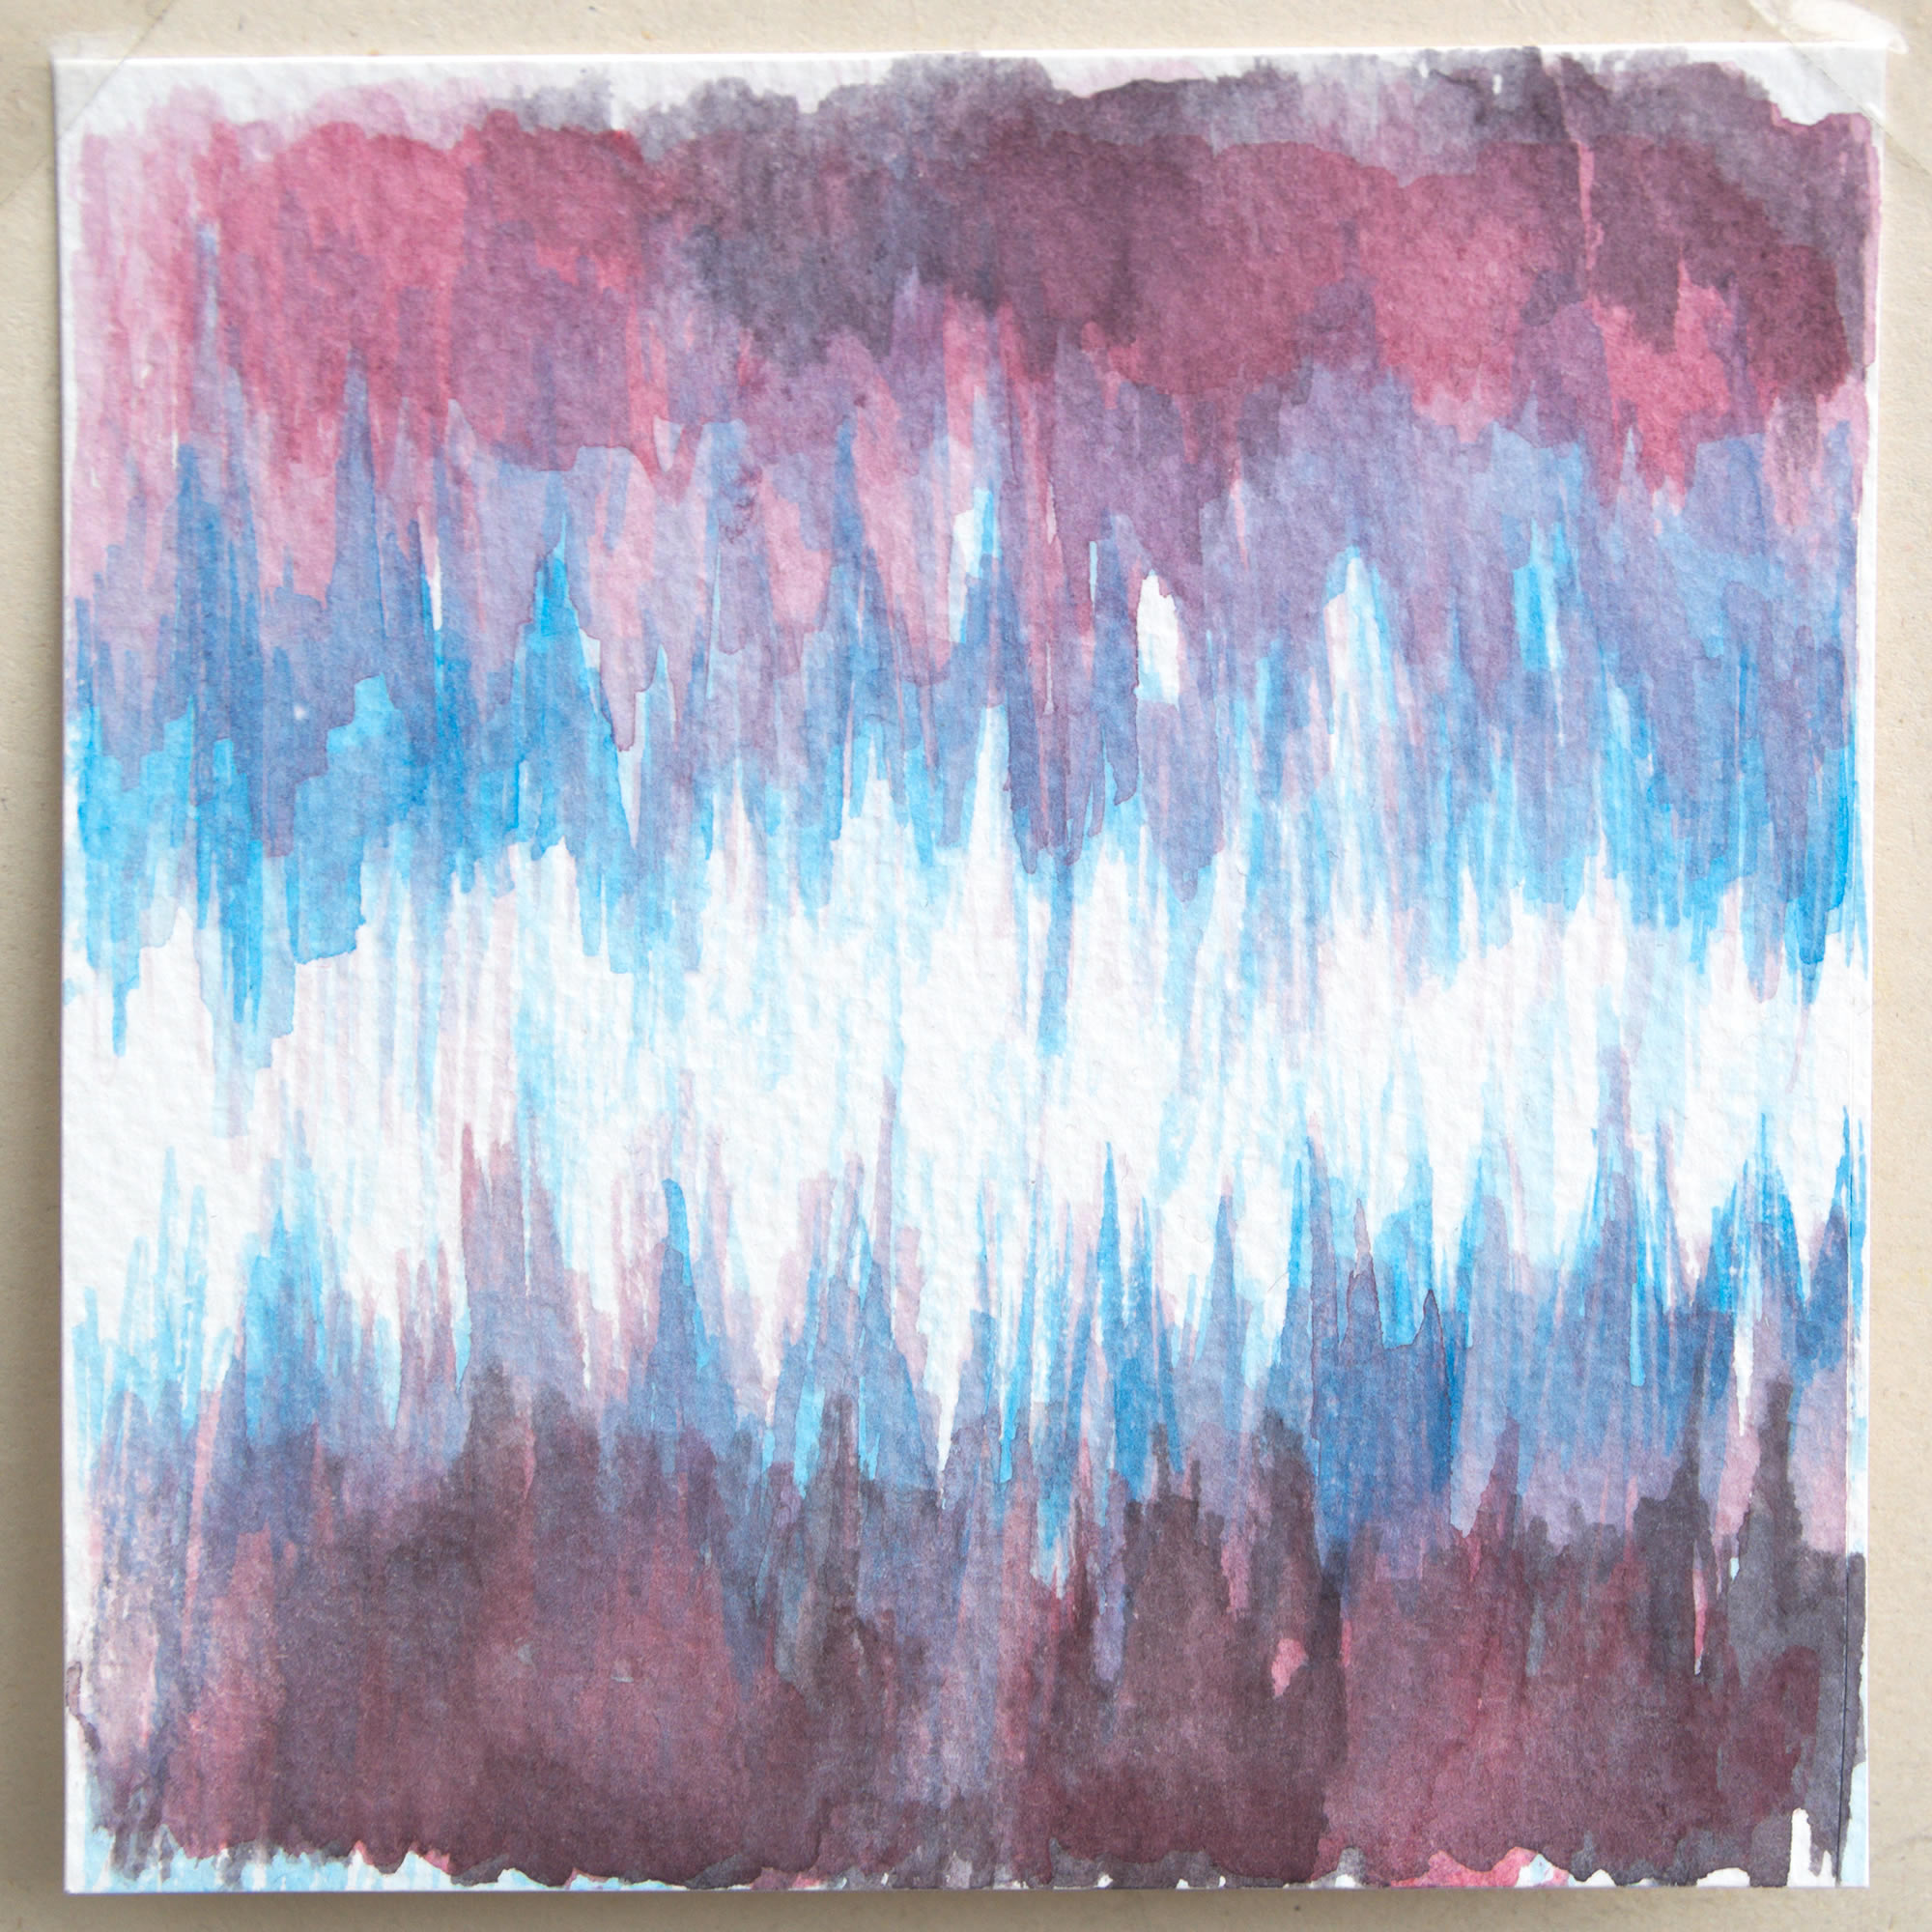 Colori patologici, 2020, acquerello su carta, 10,7 x 10,9 cm